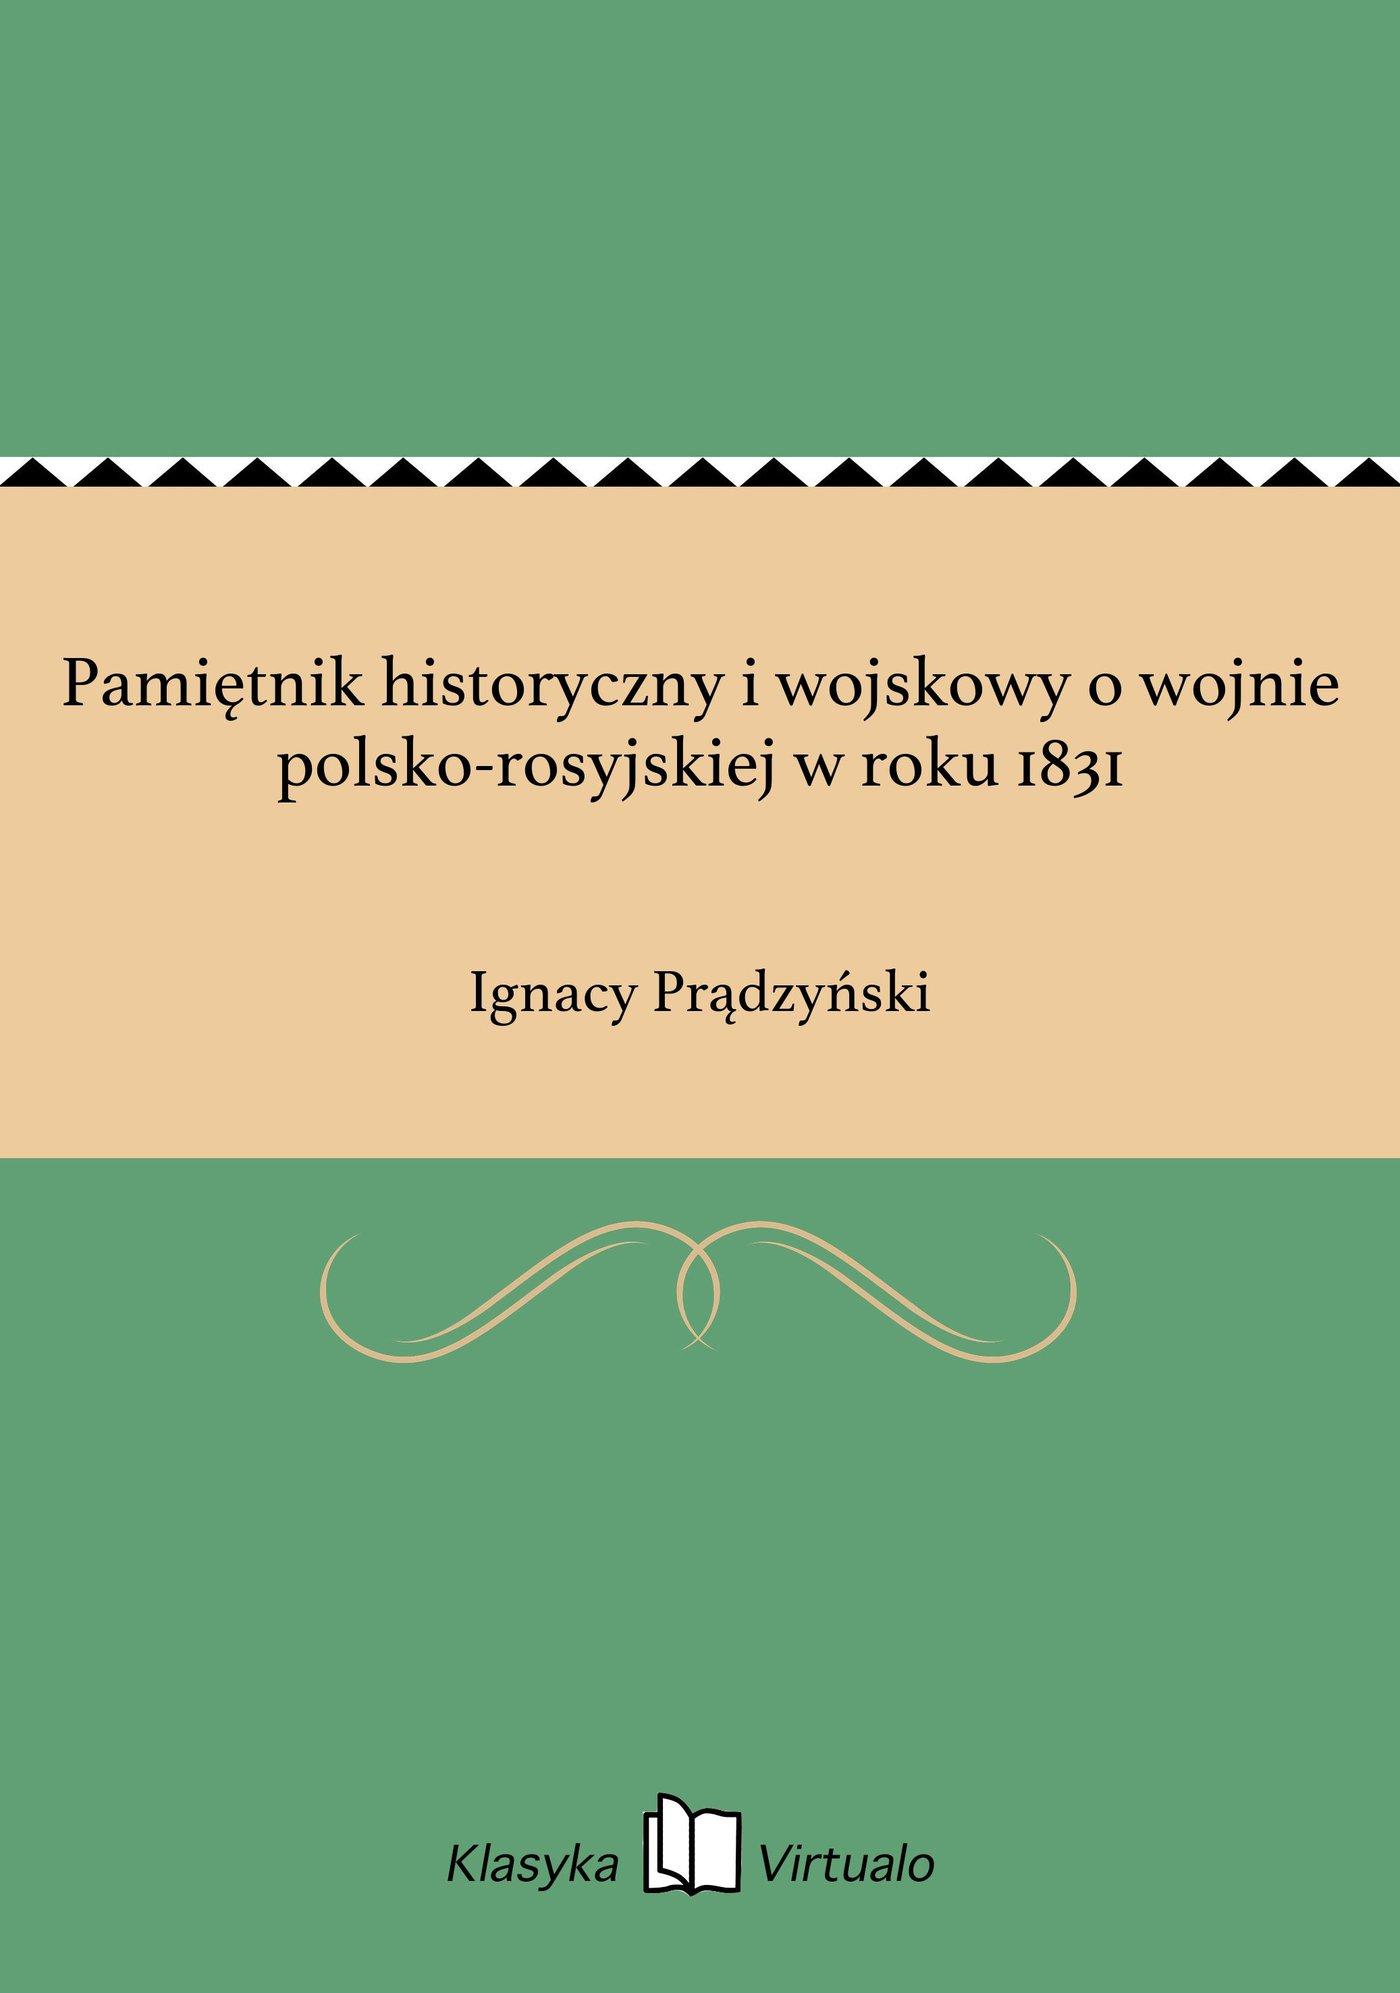 Pamiętnik historyczny i wojskowy o wojnie polsko-rosyjskiej w roku 1831 - Ebook (Książka na Kindle) do pobrania w formacie MOBI